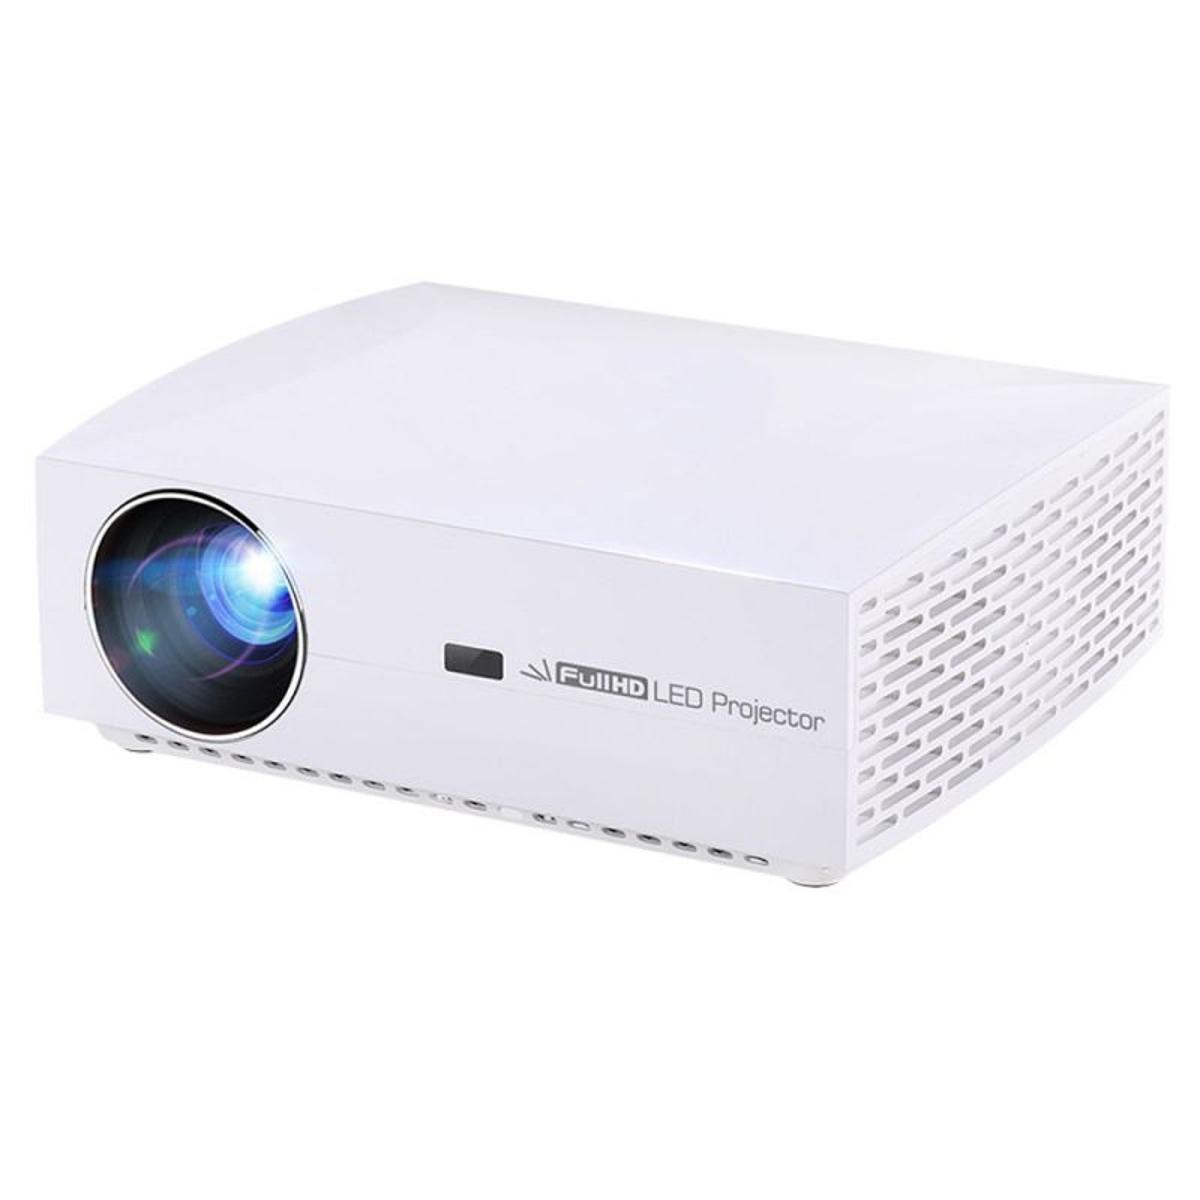 bon plan Vidéoprojecteur LED 1080p Projecteur Numérique 5500 Lumens Taille Maximale 200 Pouces